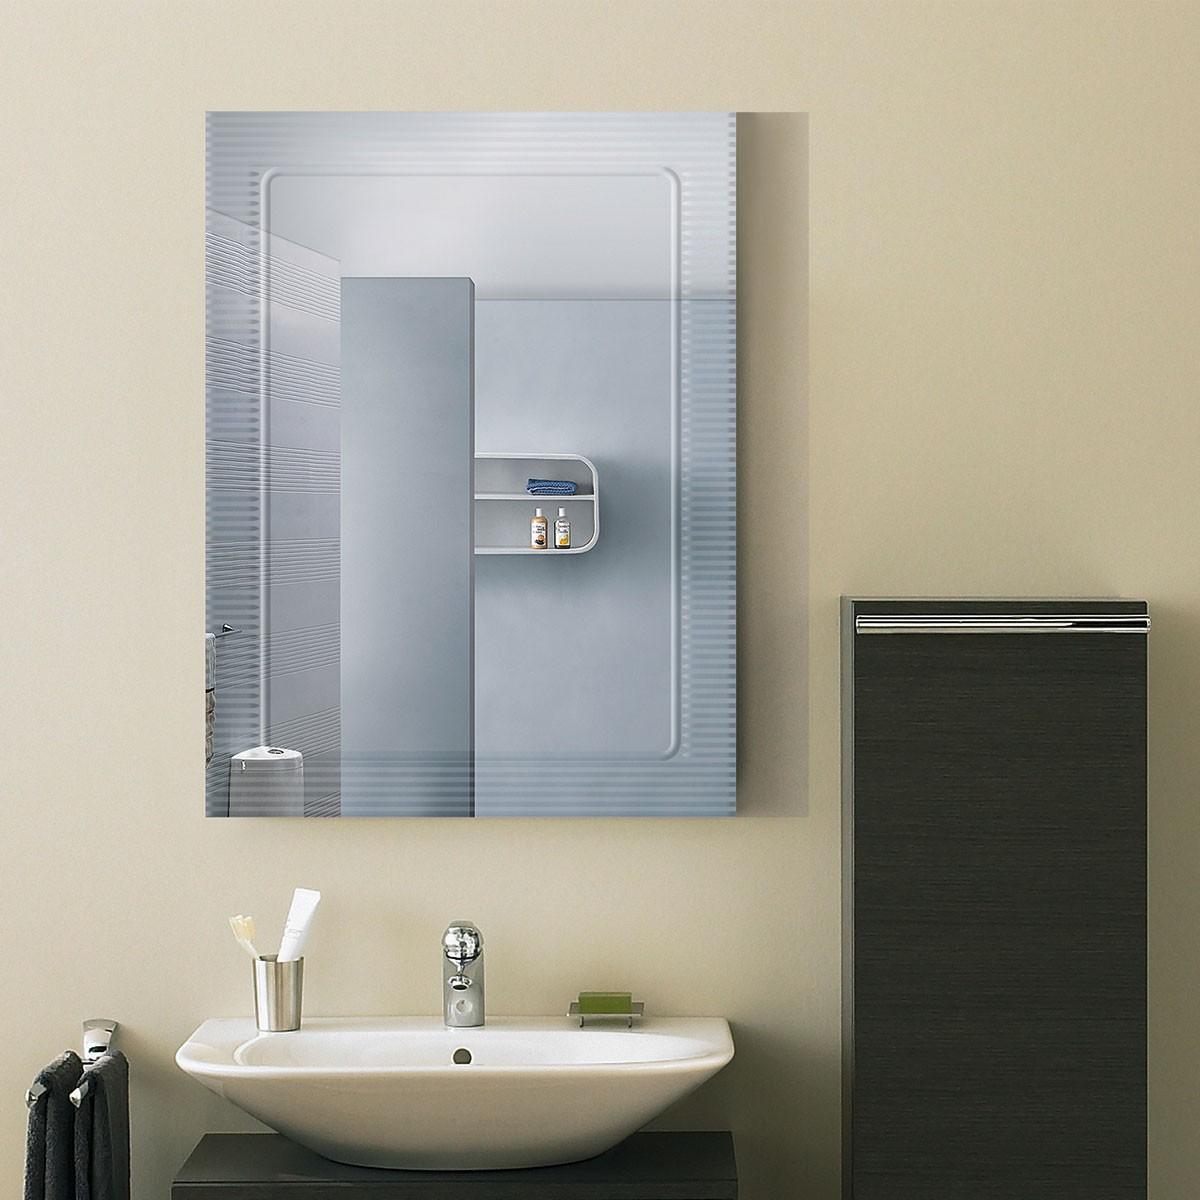 24 x 18 po Miroir Mural Salle de Bain Classique Rectangulaire sans Cadre - Accrochage Vertical (DK-OD-B067C)